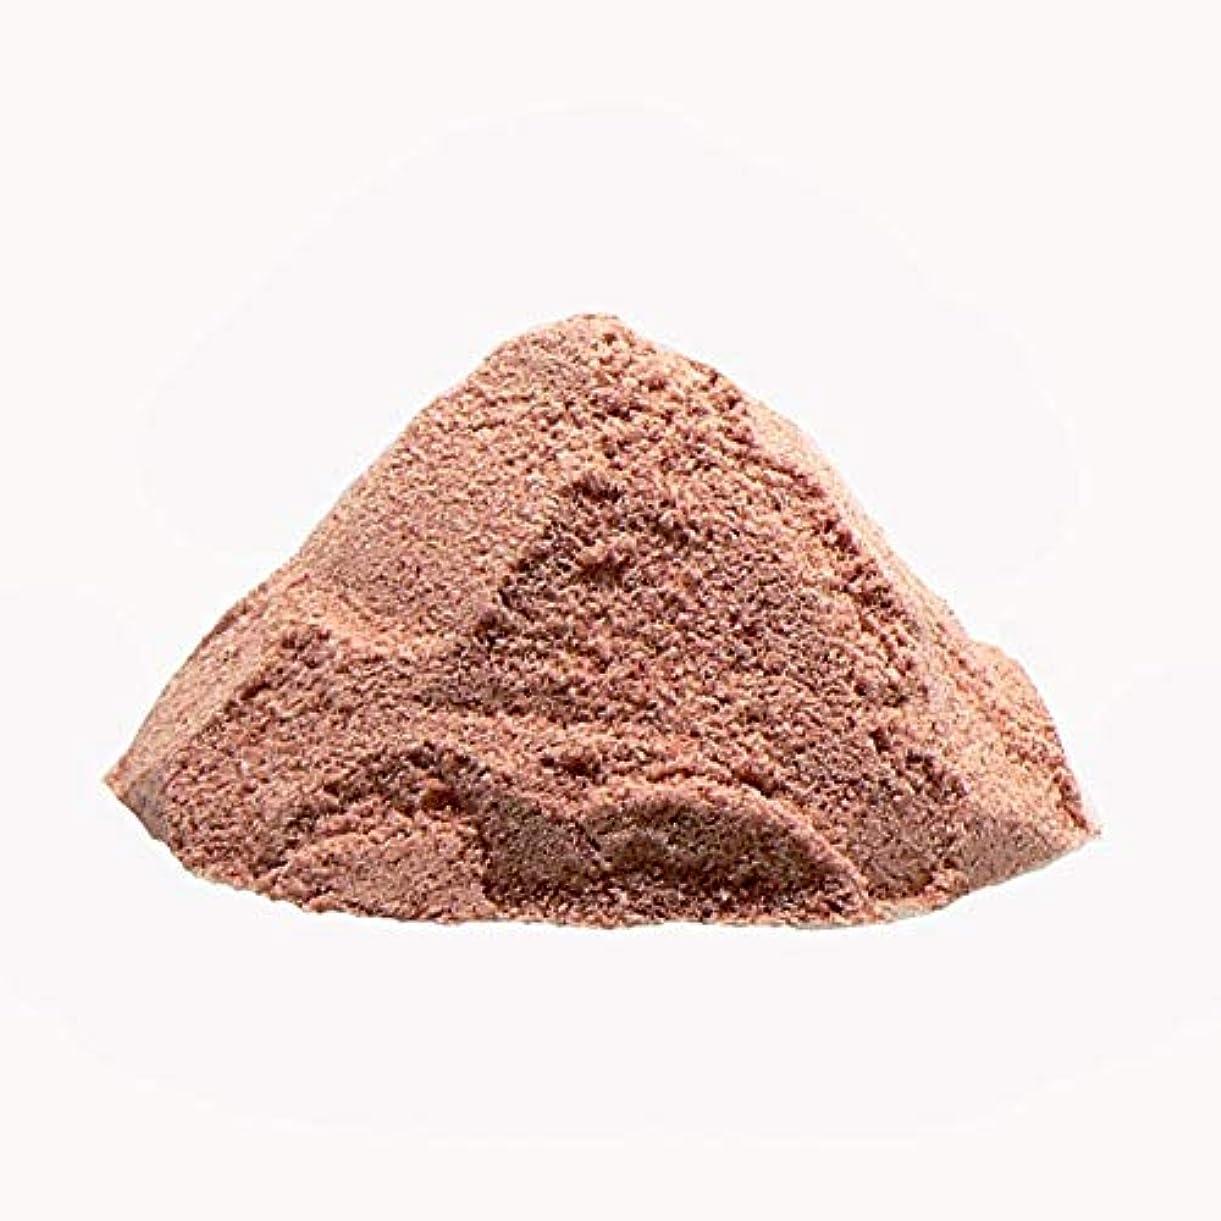 レキシコン聖人秀でるヒマラヤ岩塩 プレミアム ルビーソルト バスソルト(パウダー)ネパール産 ルビー岩塩 (600g×2個セット)